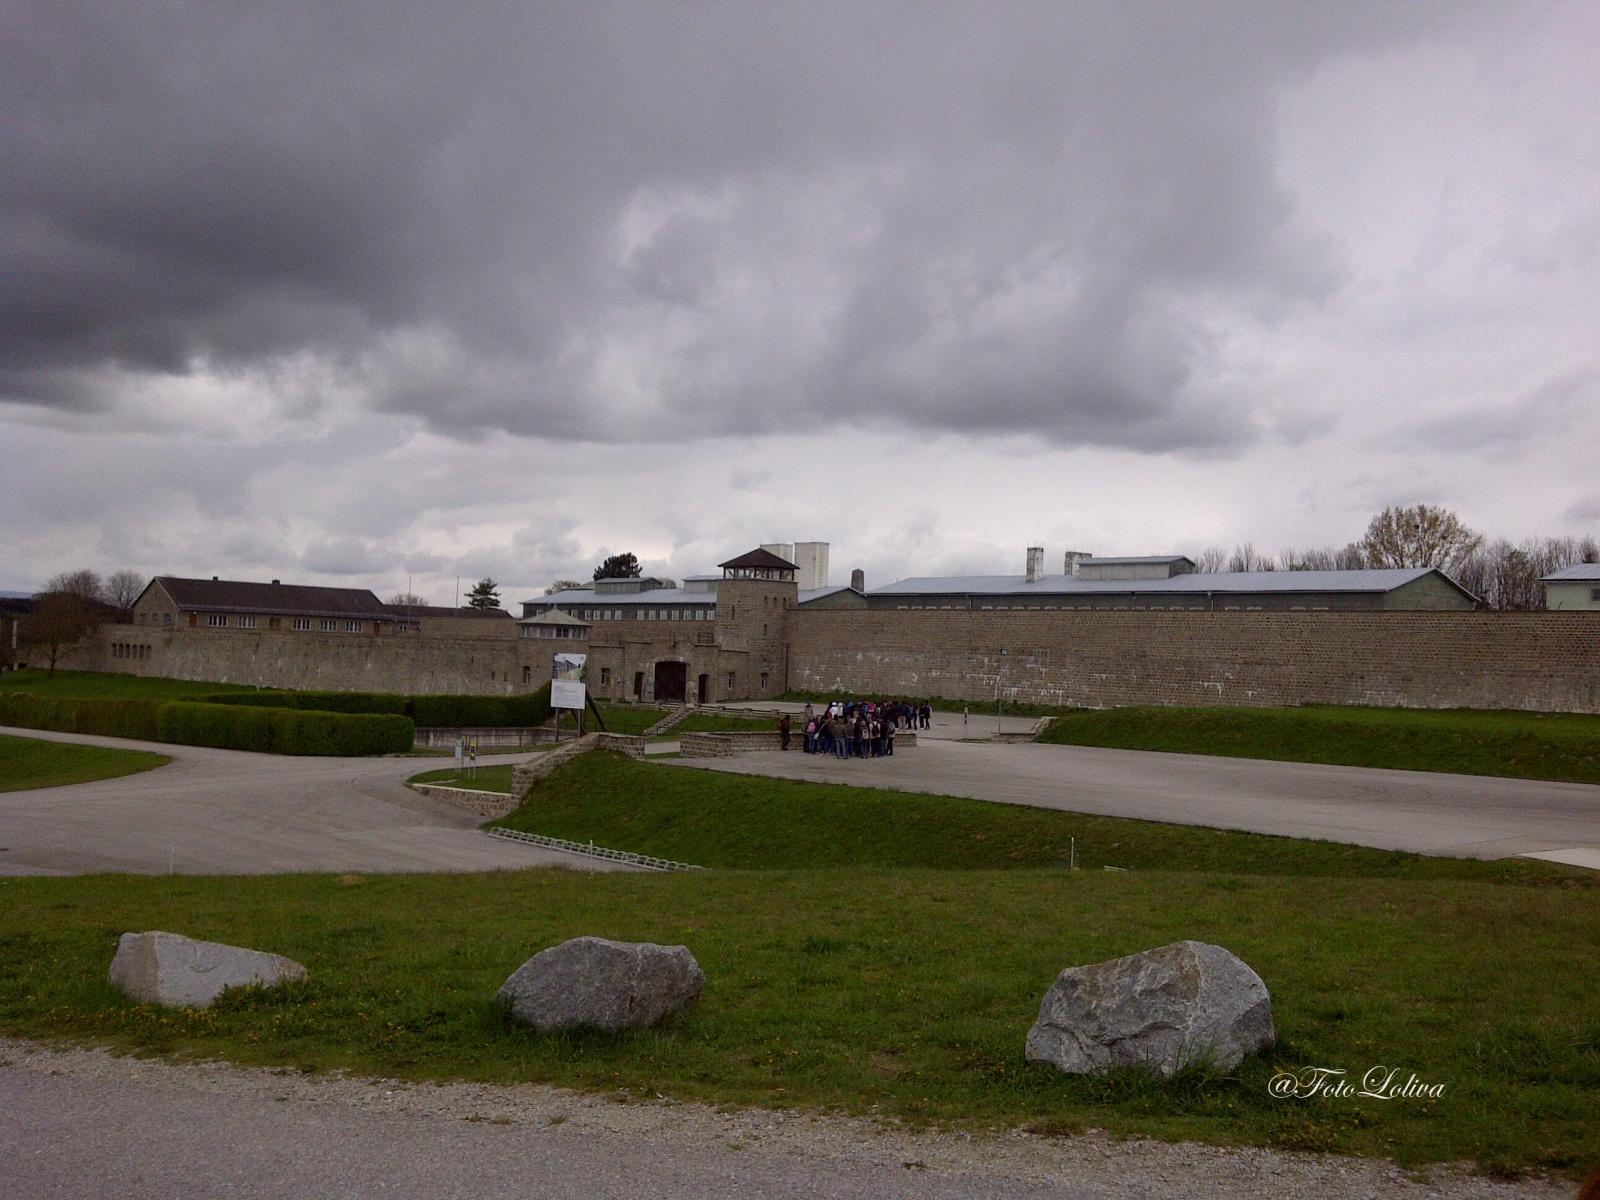 """IL CAMPO - Il comandante del lager, Franz Ziereis, accoglieva i nuovi arrivati sulla porta dell'inferno con questo agghiacciante discorso: """" Siete venuti qui per morire... qui non esiste l'uscita ma solo l'entrata; l'unica uscita è dal camino del forno crematorio..."""" E indicava i camini del crematorio. Dal tetto del Bunker, la prigione del campo di Mauthausen, fuoriuscivano tre ciminiere: una in mattoni rossi presso l'angolo esterno sinistro, per chi guarda dal piazzale dell'appello; e due di colore bianco, di diversa dimensione. Erano i camini di tre impianti di cremazione (per un totale di quattro bocche di forno), dei quali impianti oggi ne restano solo due; un terzo fu distrutto."""